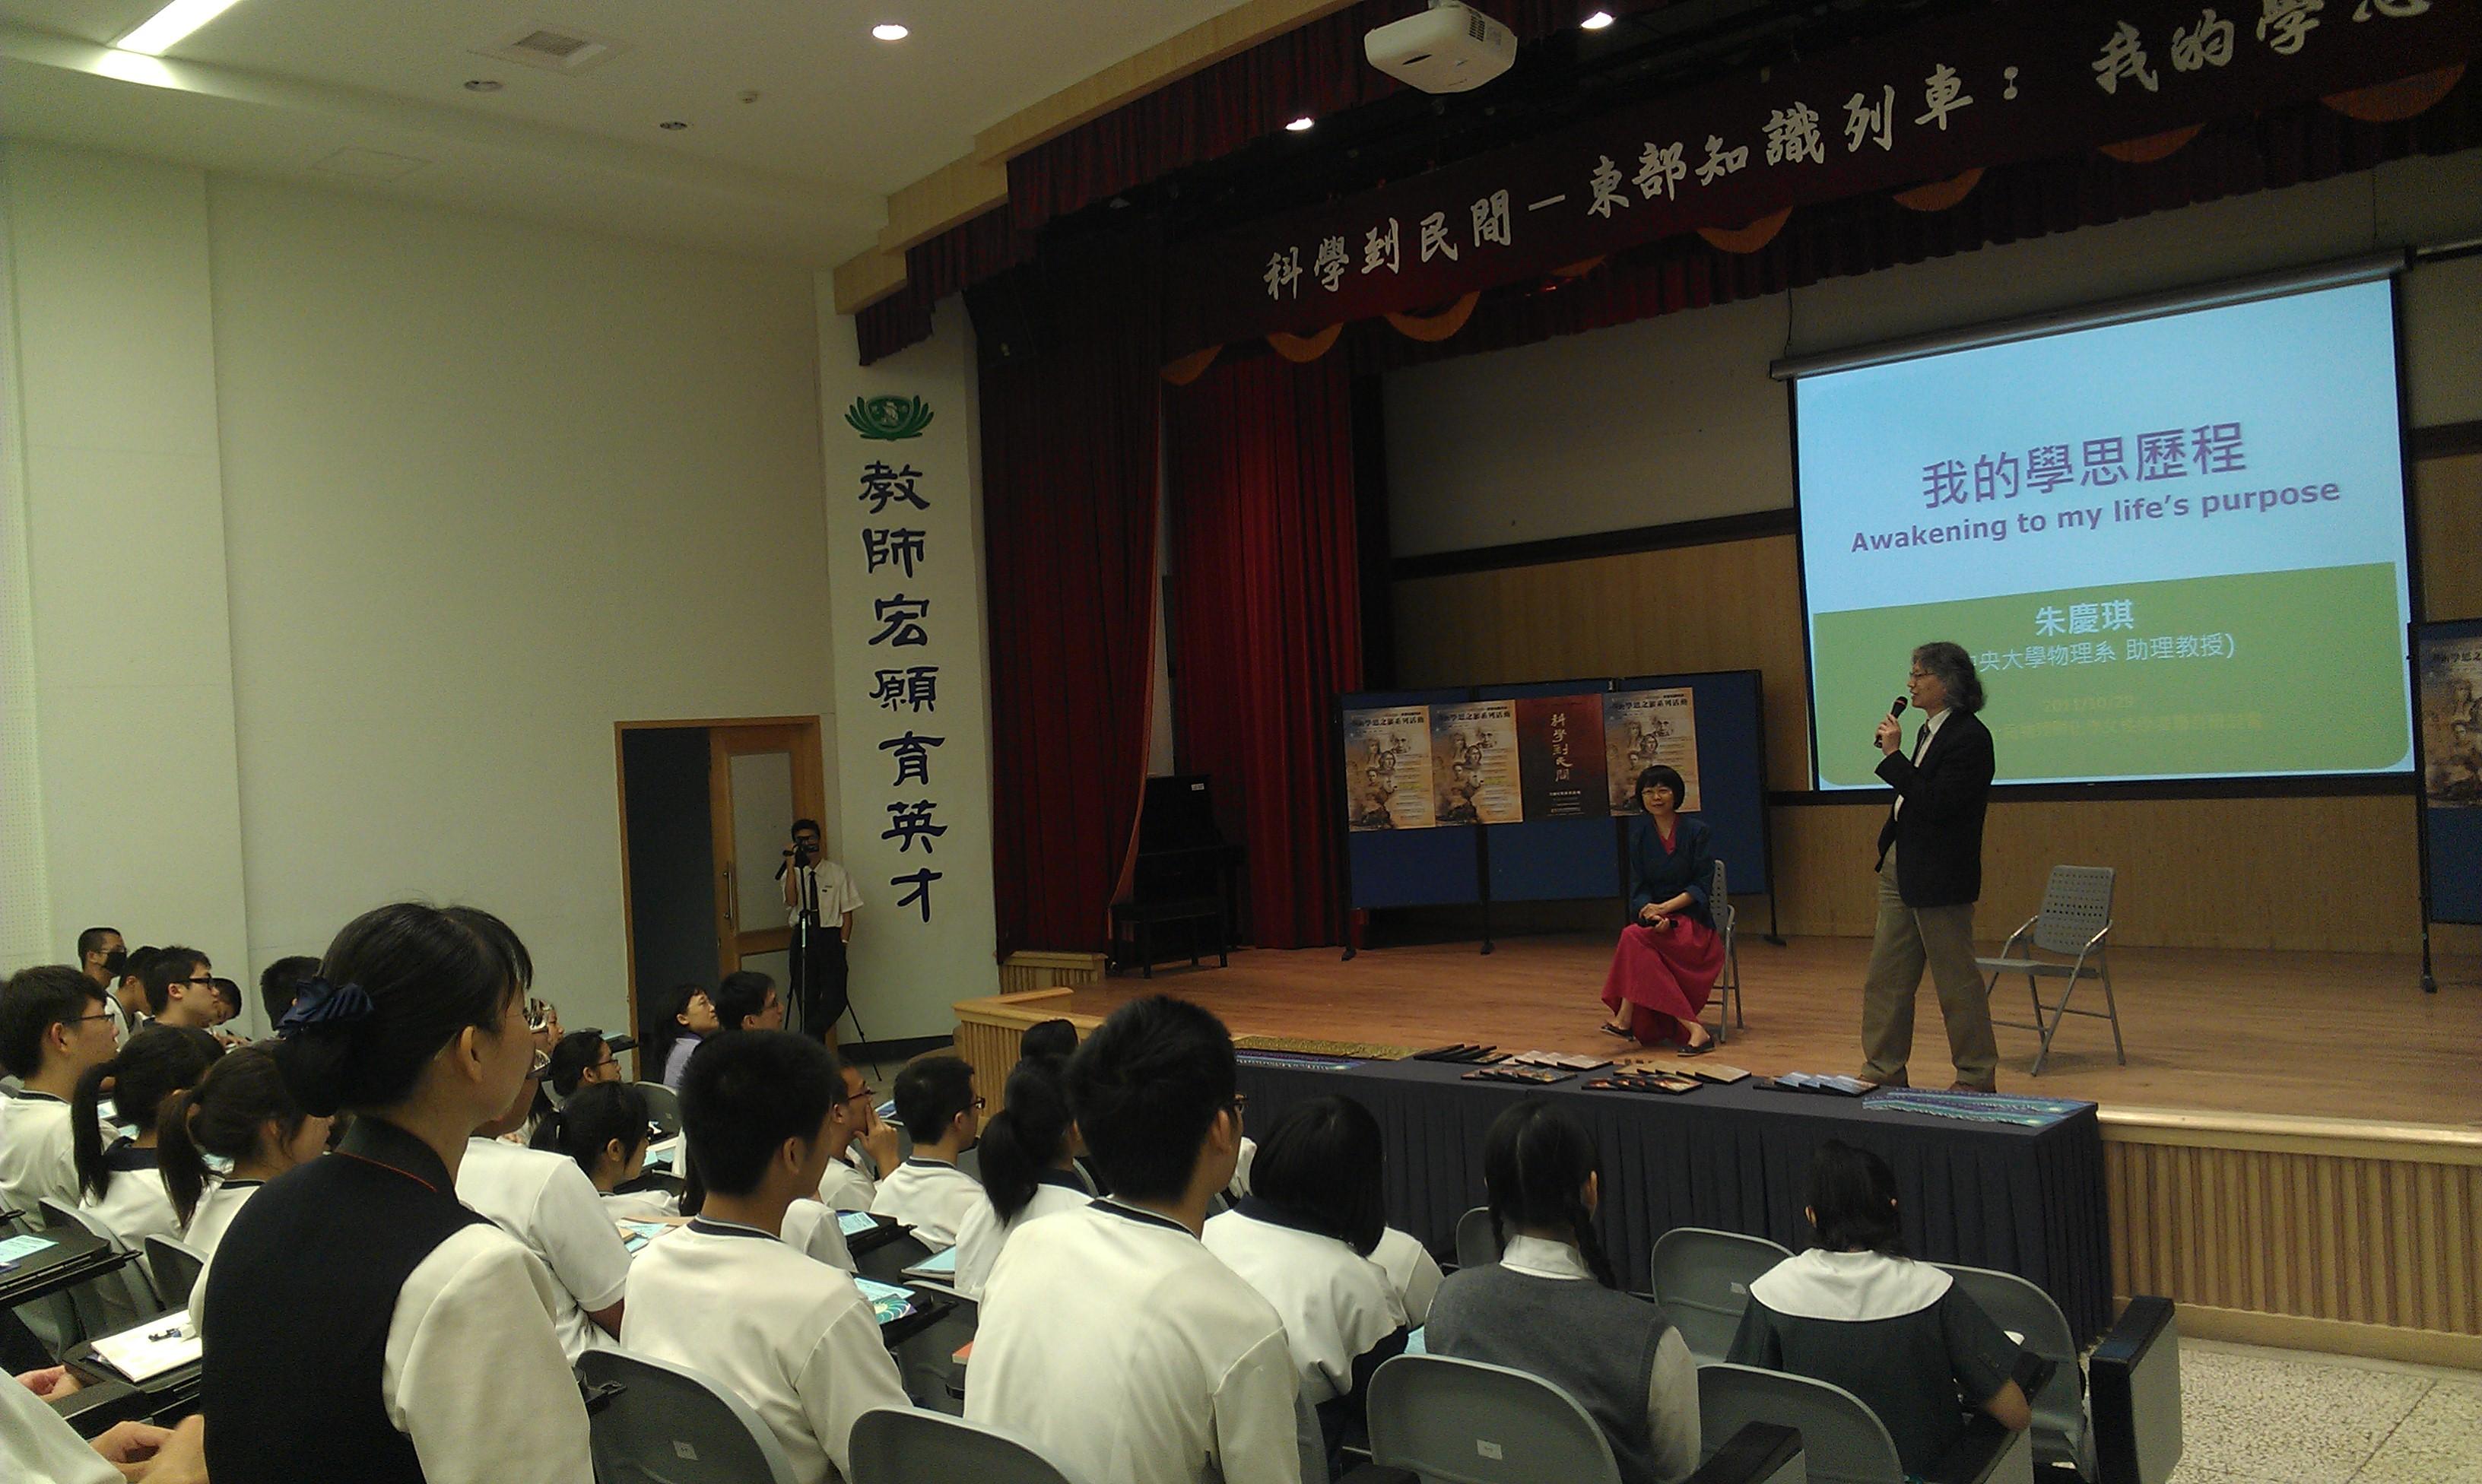 朱老師風趣誠摯的回應陳主任的提答與學子們的問題。